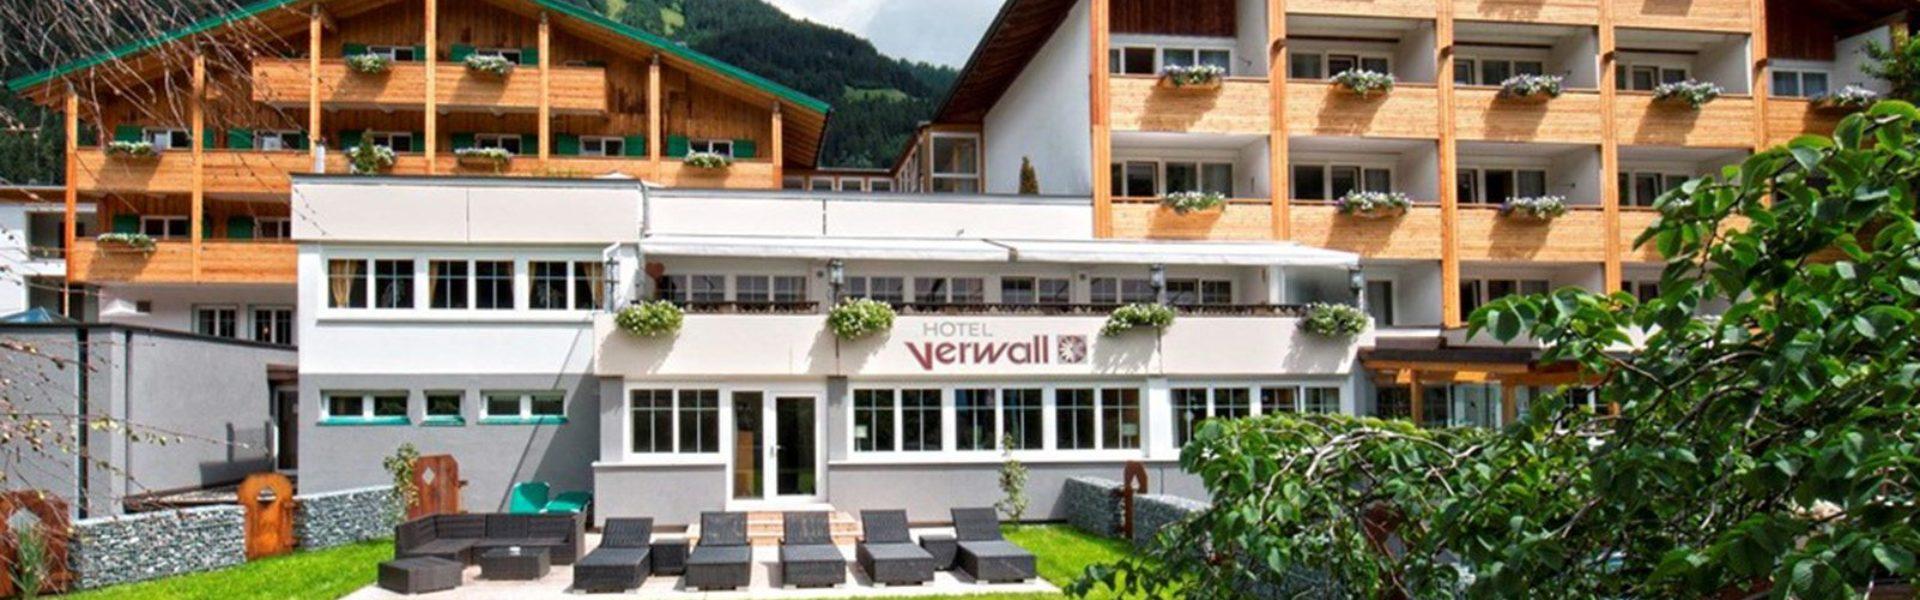 Hotel Verwall Gaschurn im Montafon (c) Hotel Verwall